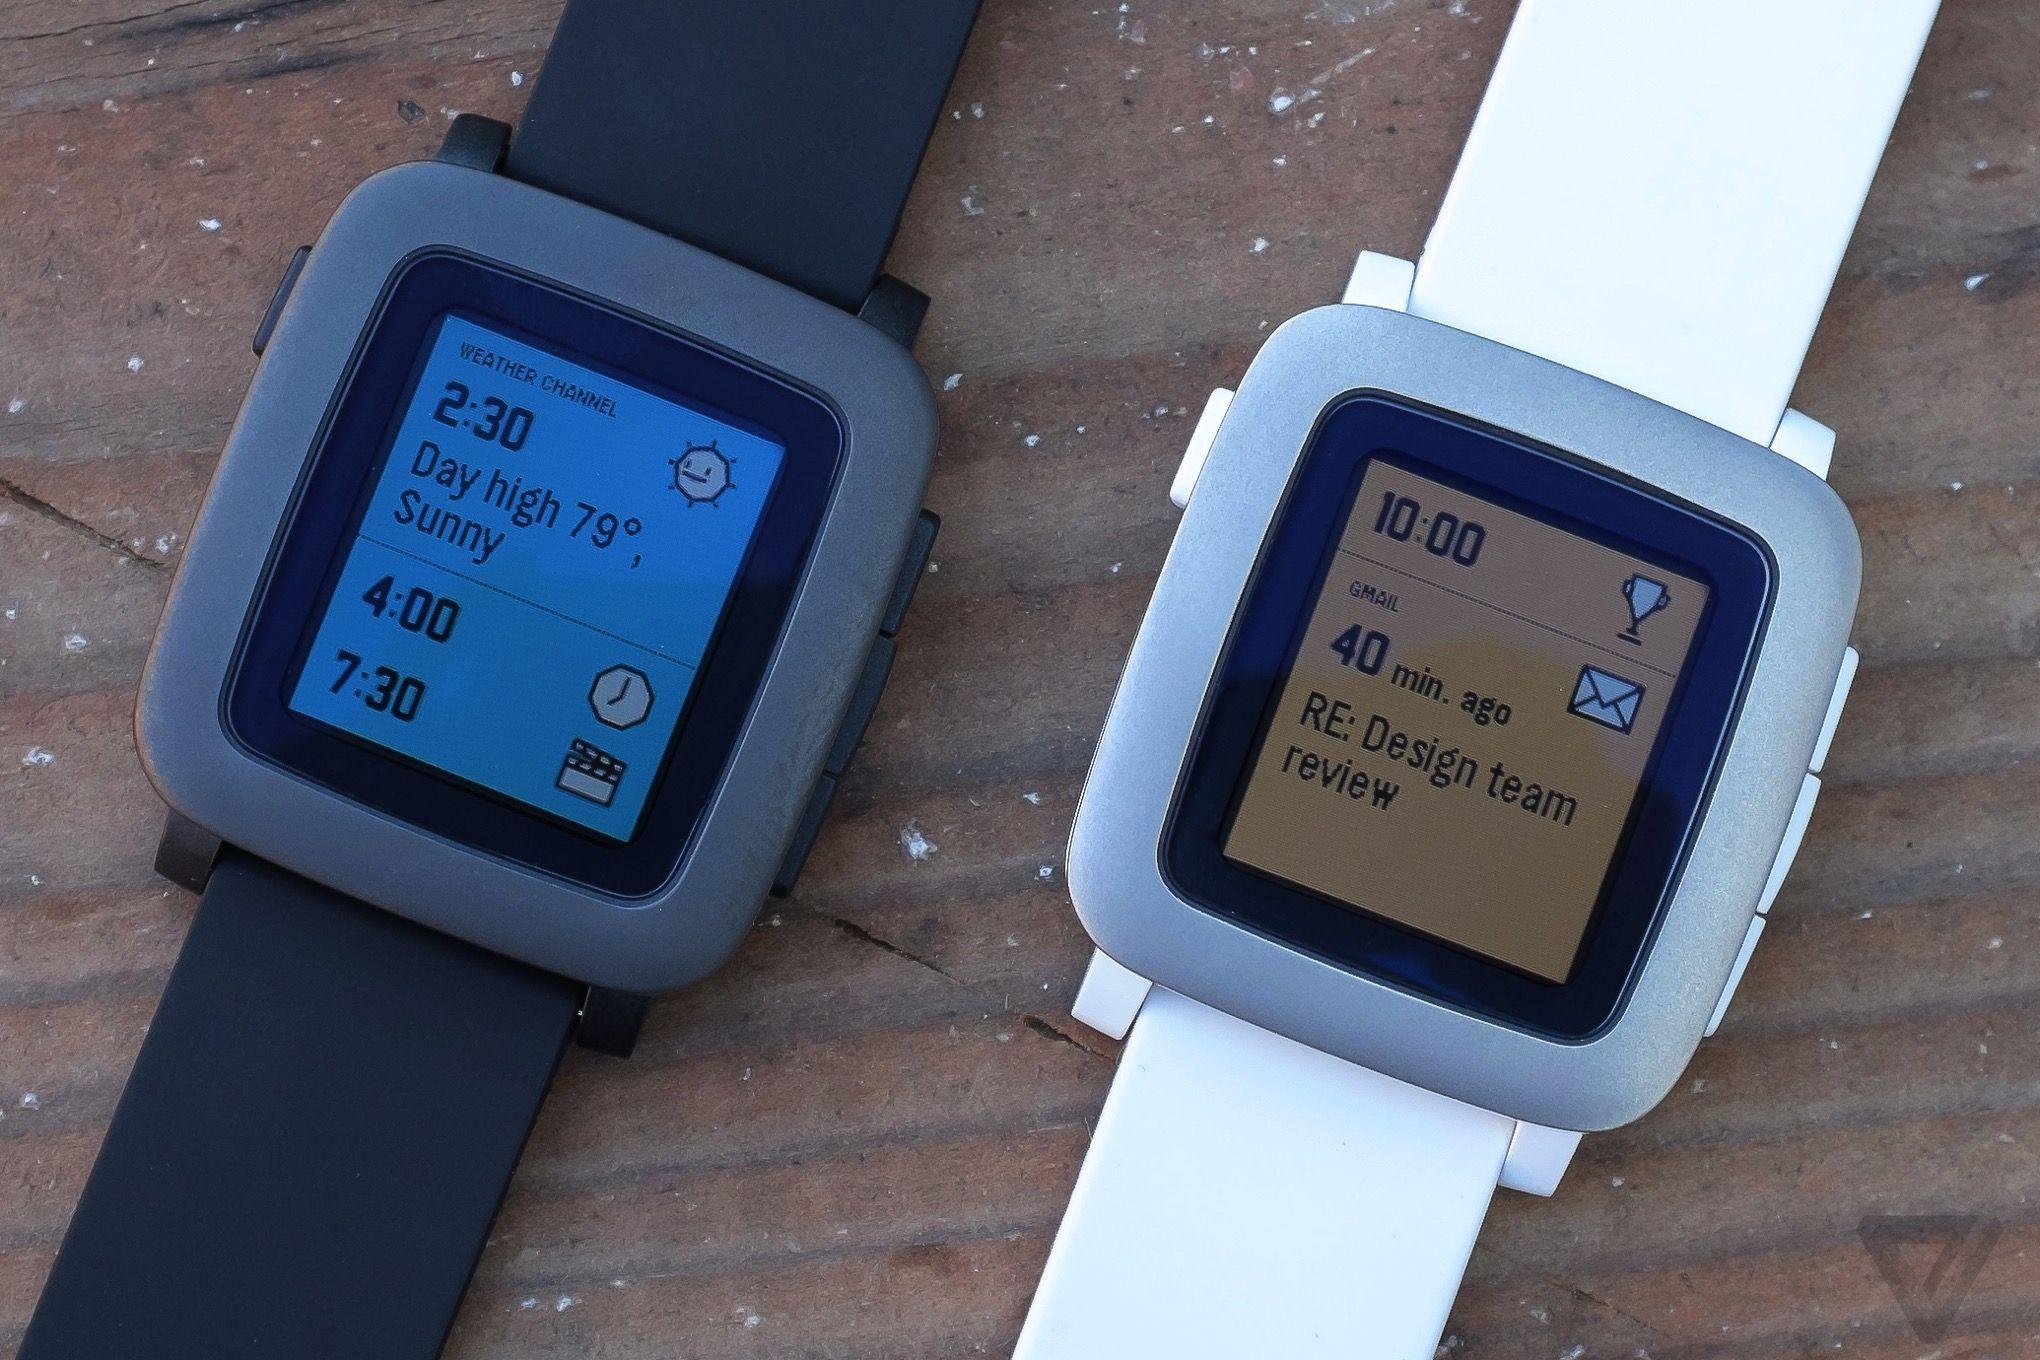 Представители Apple и Pebble заявили о том, что между компаниями нет конфликта